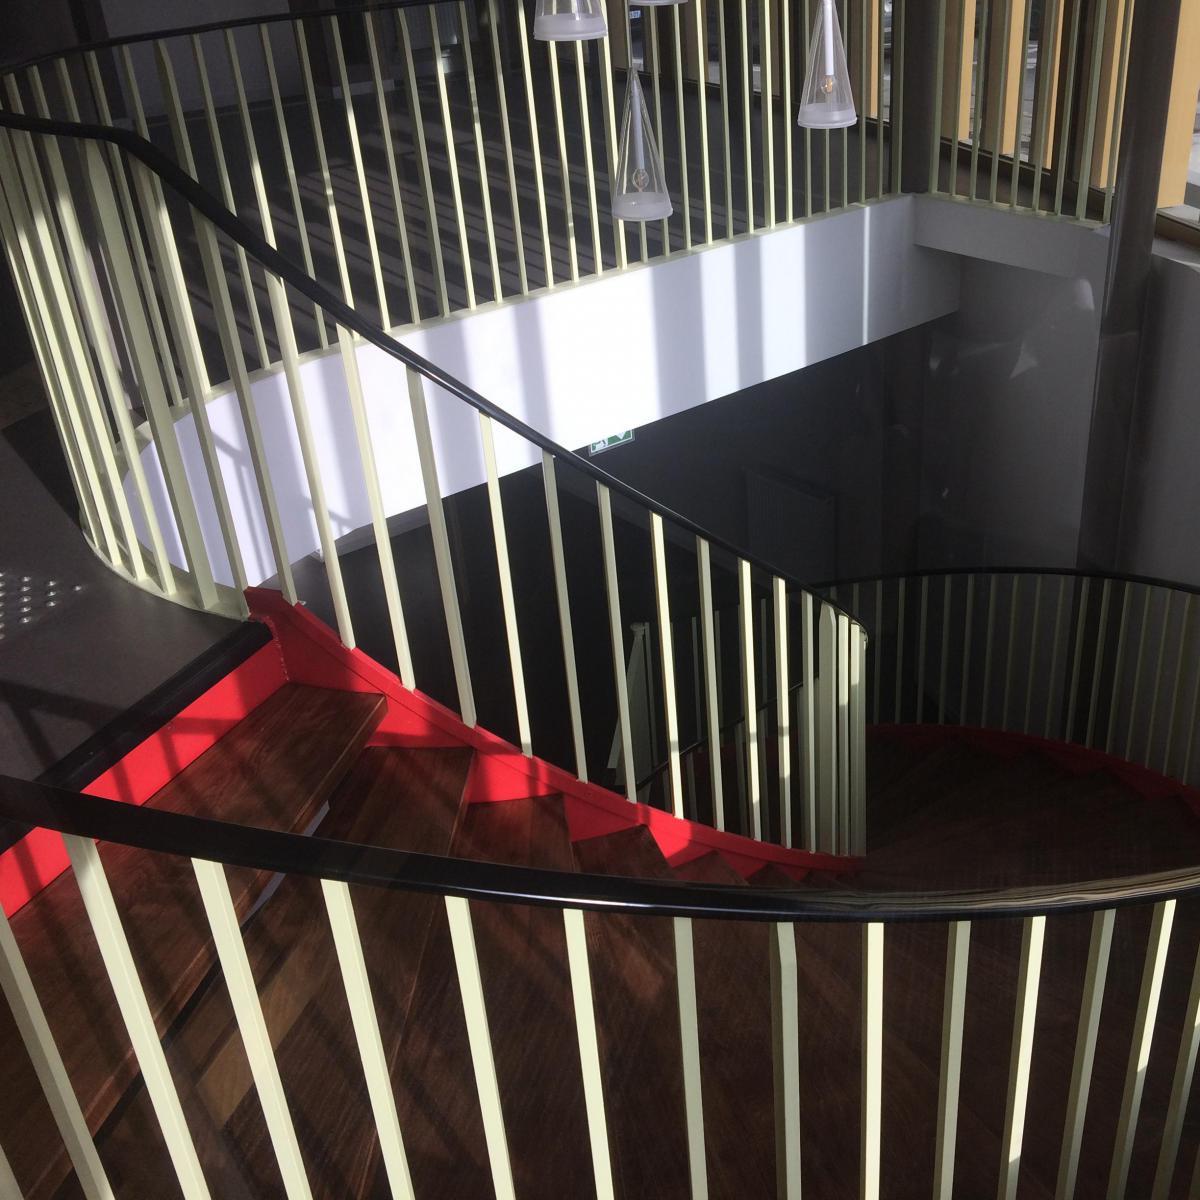 Escalier hélicoïdal acier et bois